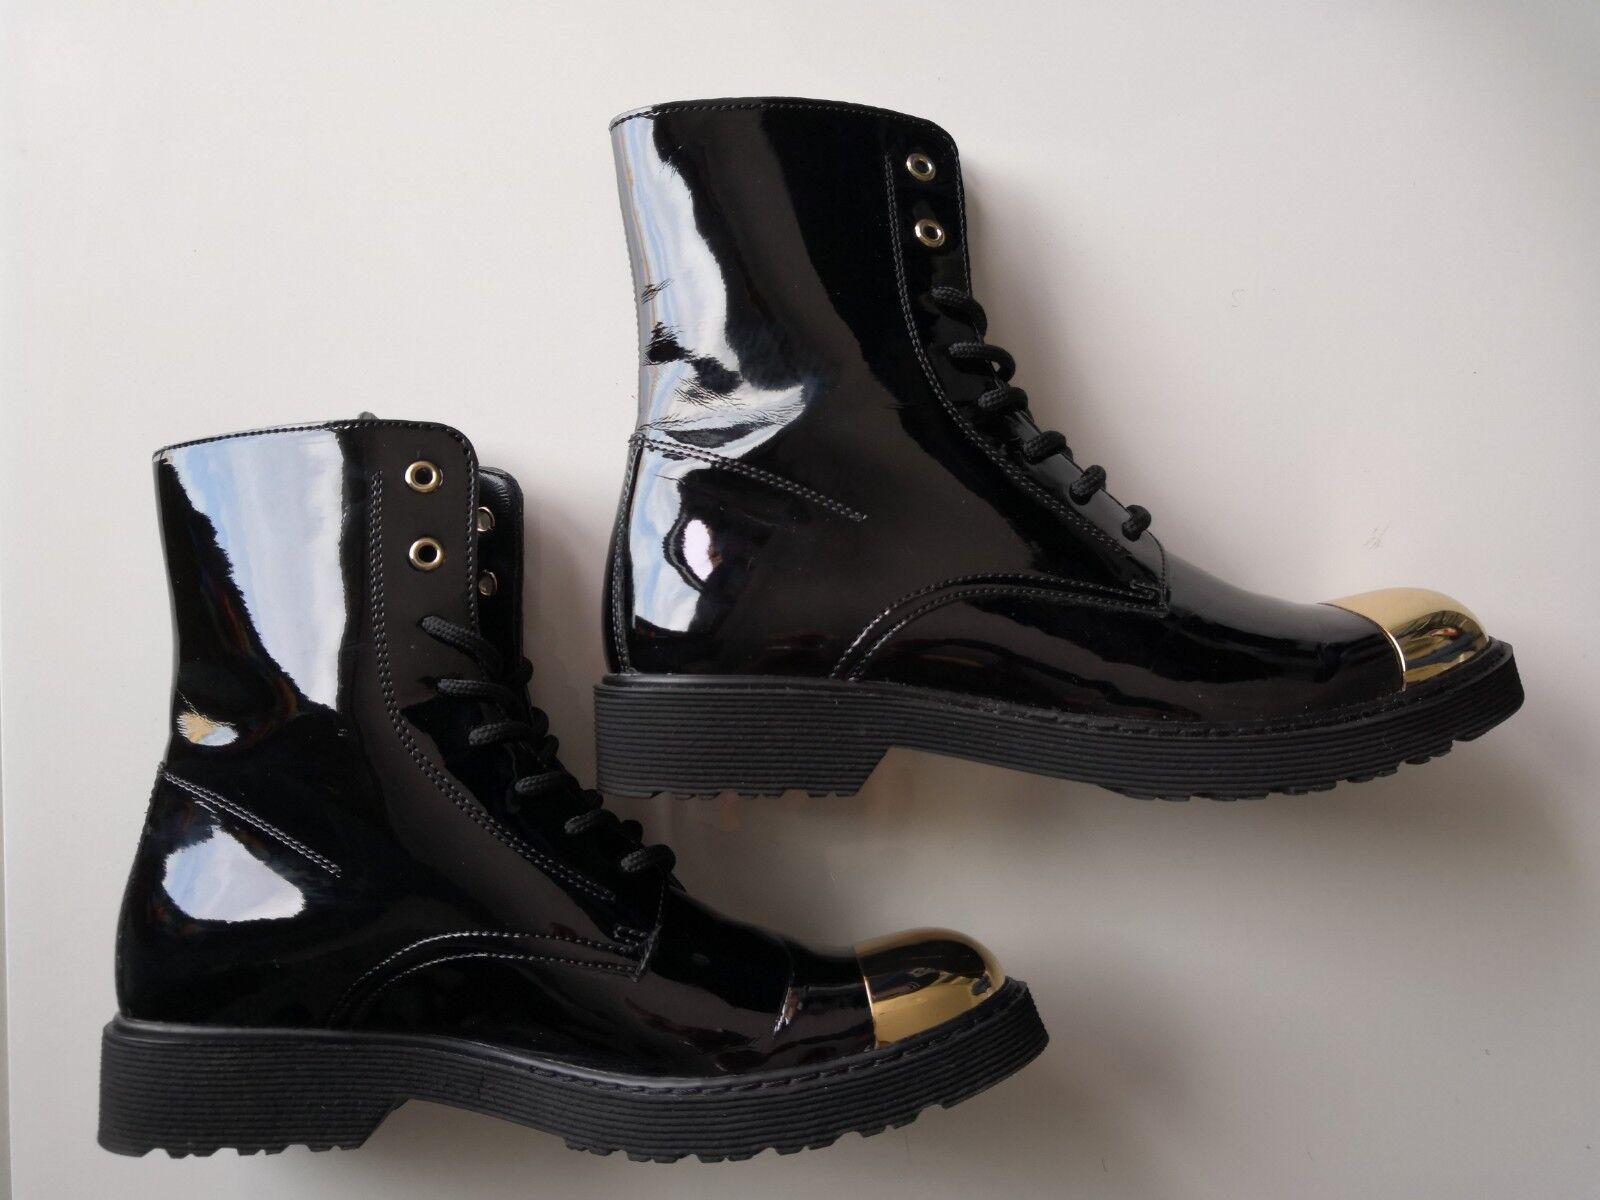 Cult avvio Amphiyan Italian scarpe, Genuine Leather nero,  Dimensione 38 AS NUOVO  bellissima